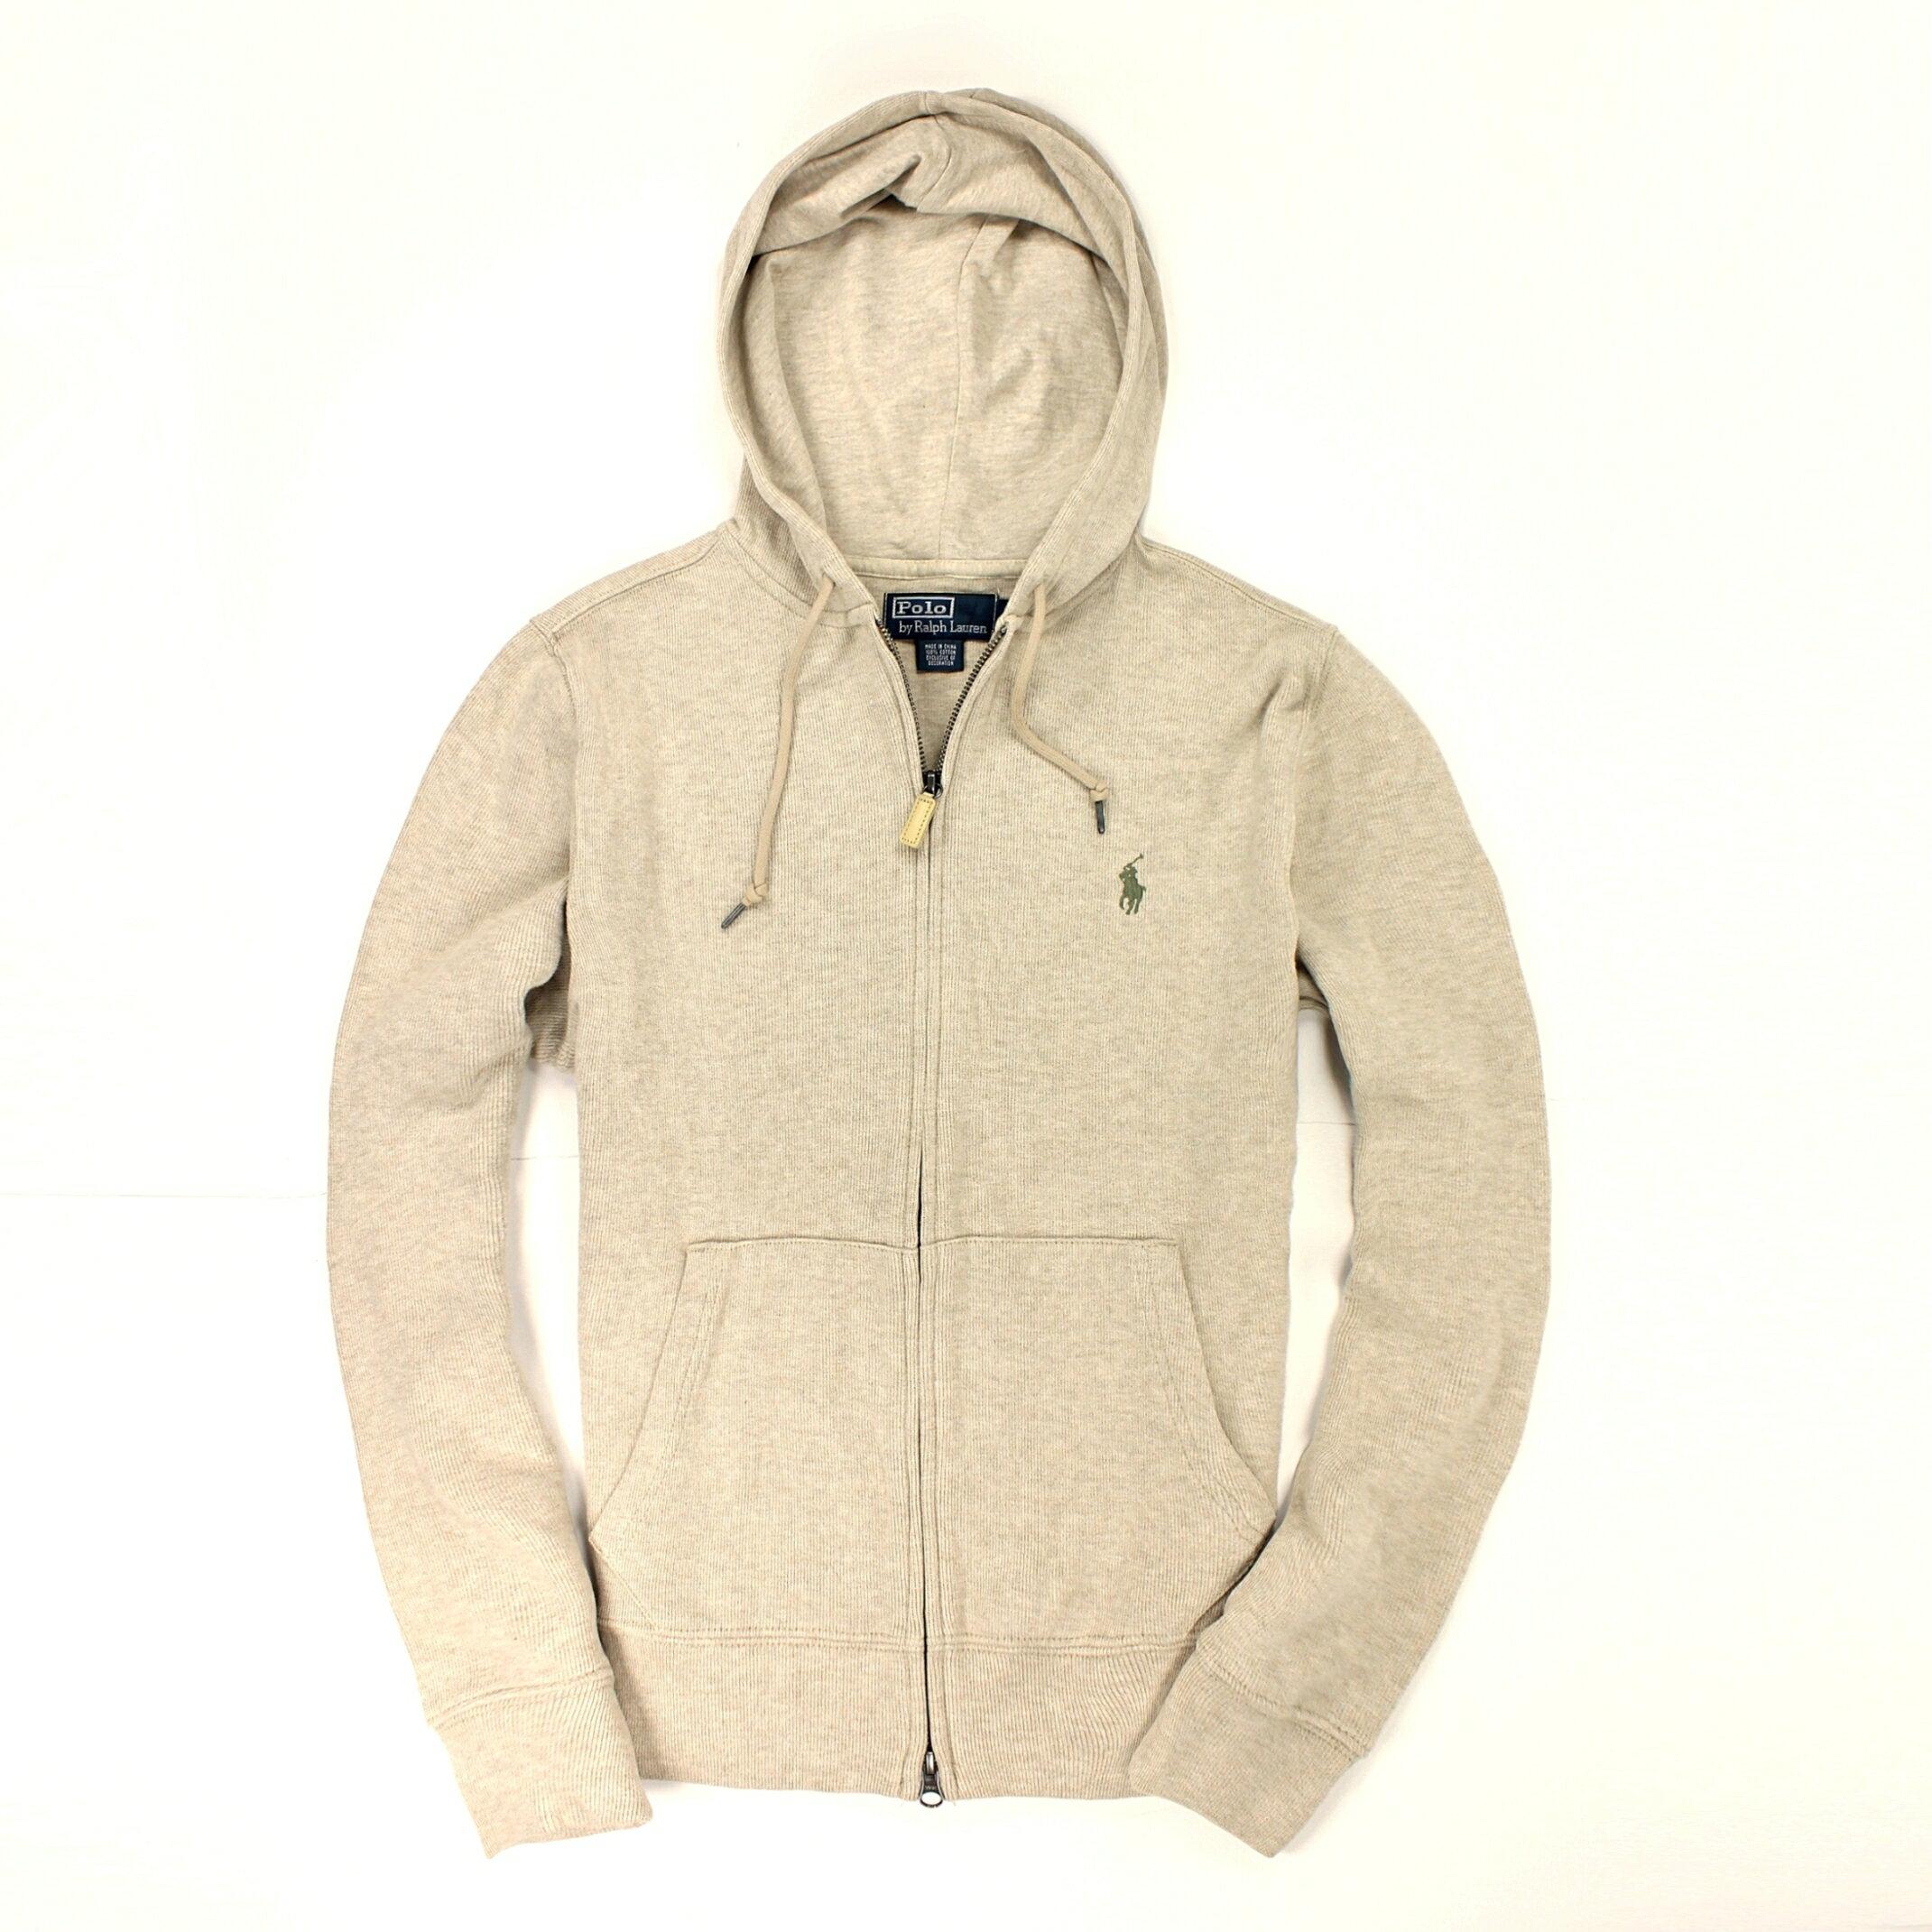 美國百分百【全新真品】Ralph Lauren 外套 RL 連帽外套 夾克 Polo 小馬 米白 皮革 雙頭 男 S號 B585